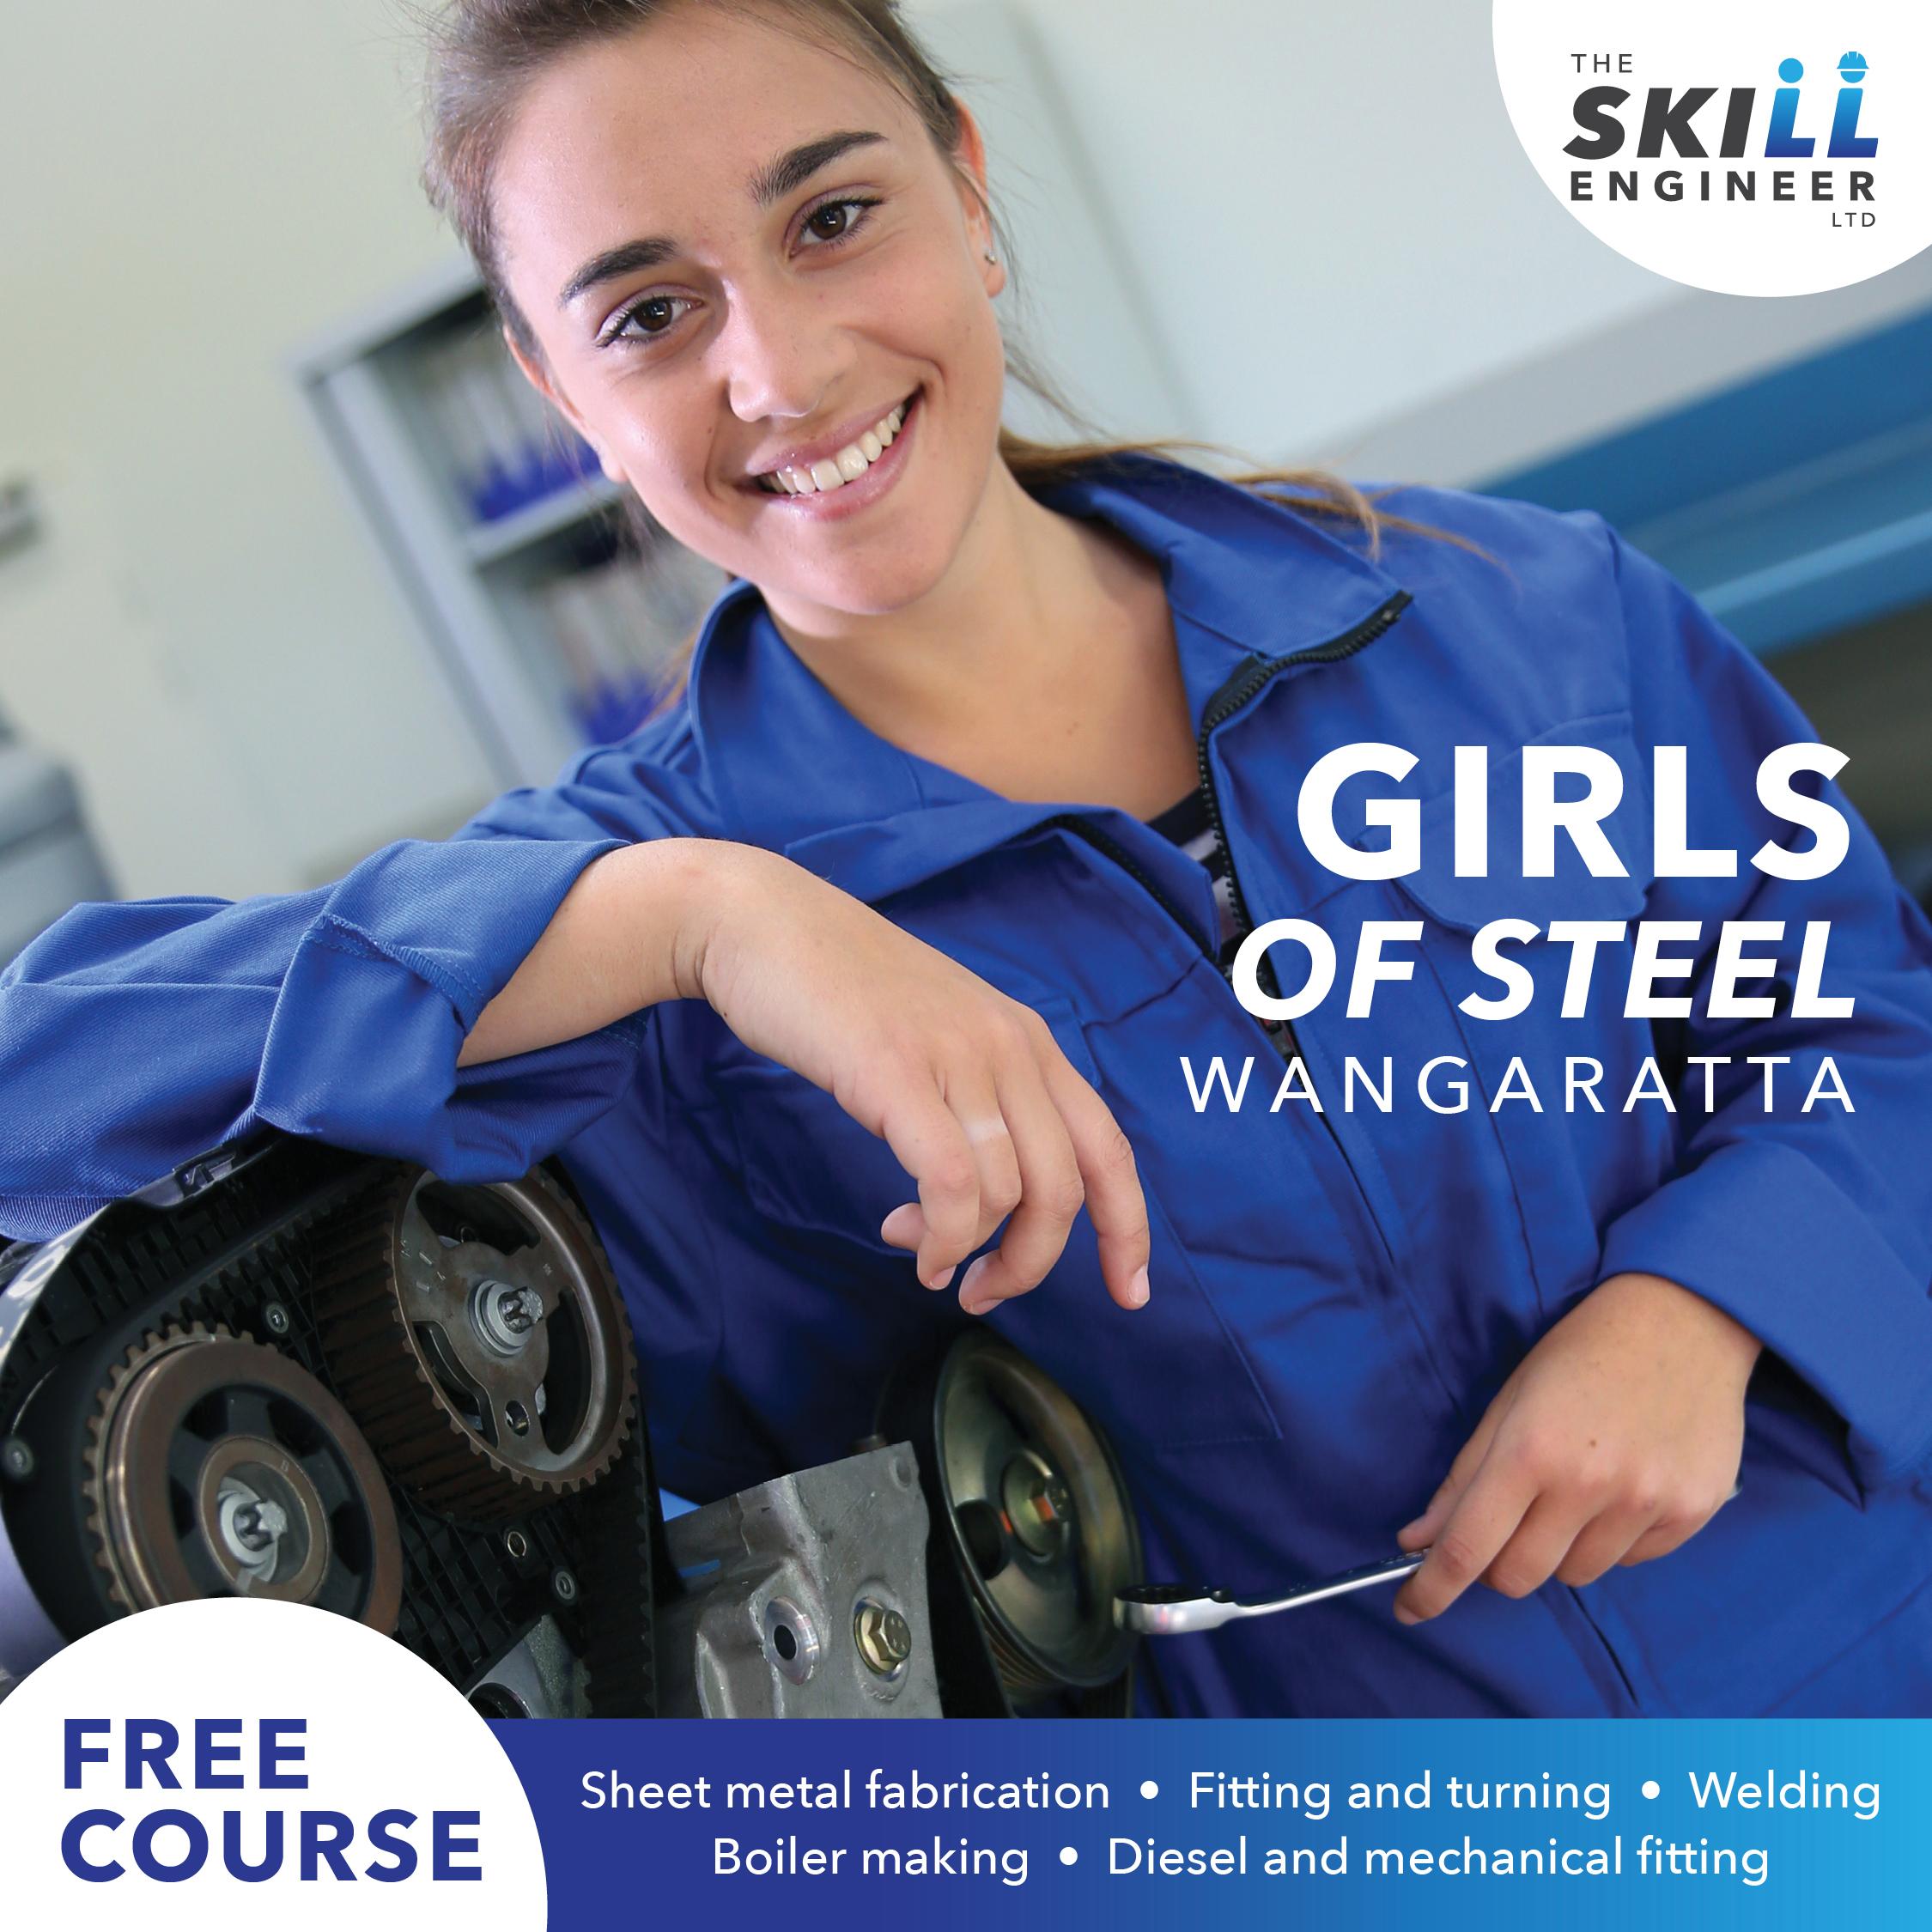 Evero Wangaratta Girls of Steel